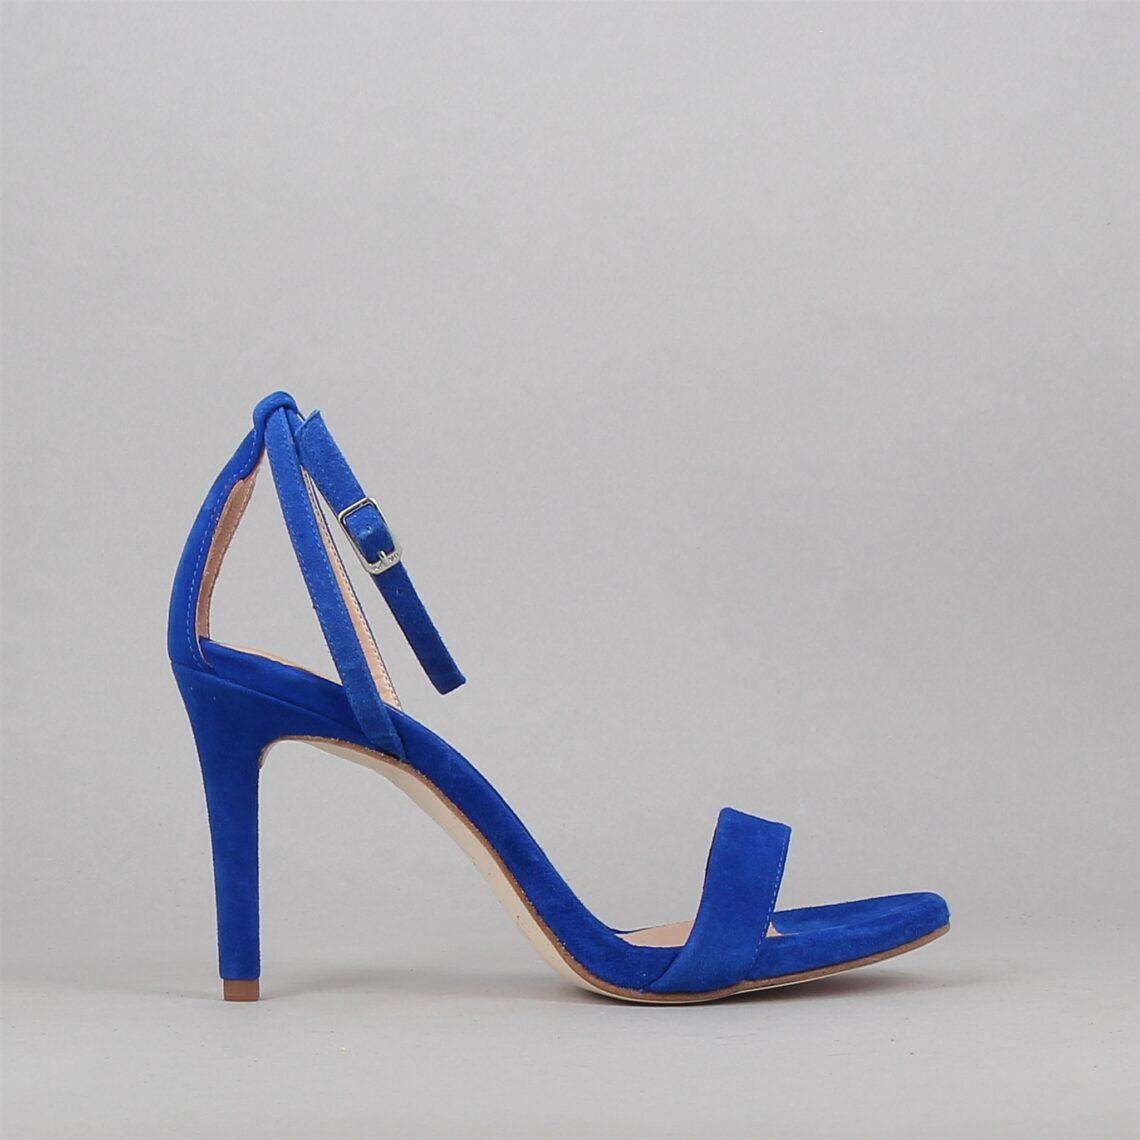 wax-19-bleu-175734786-0.jpg